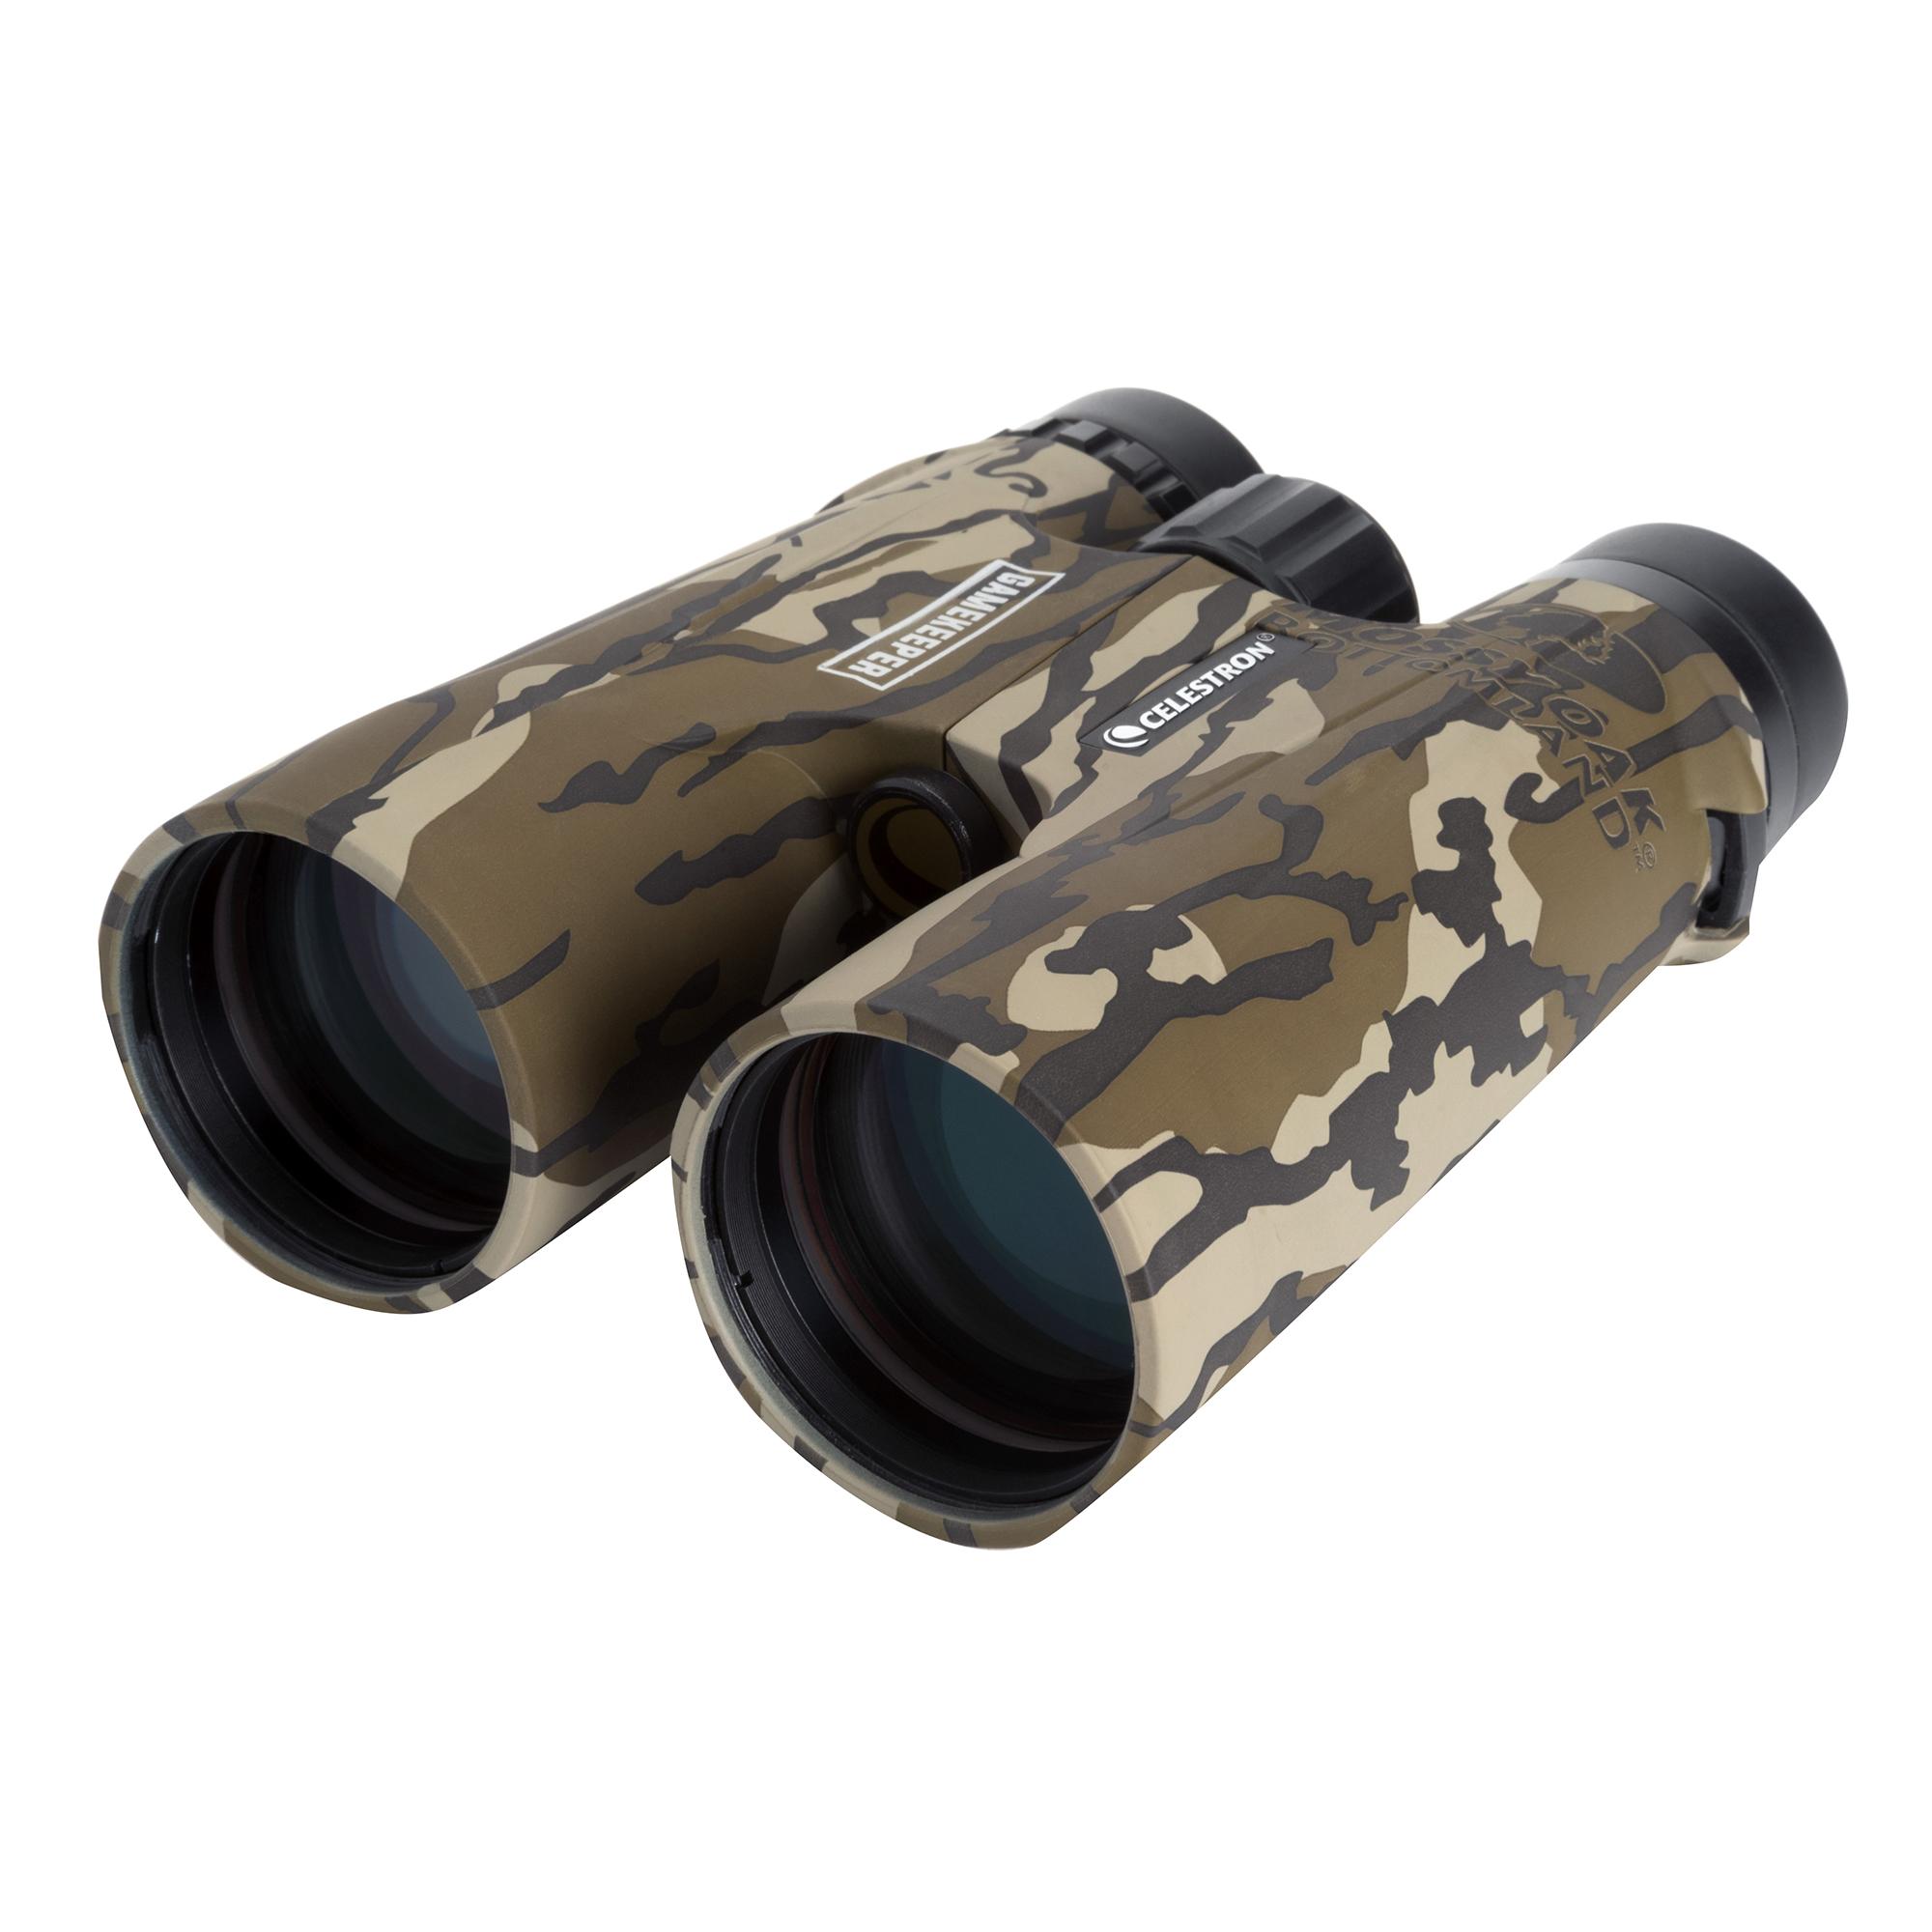 Celestron Gamekeeper Roof Prism Binoculars, 12×50